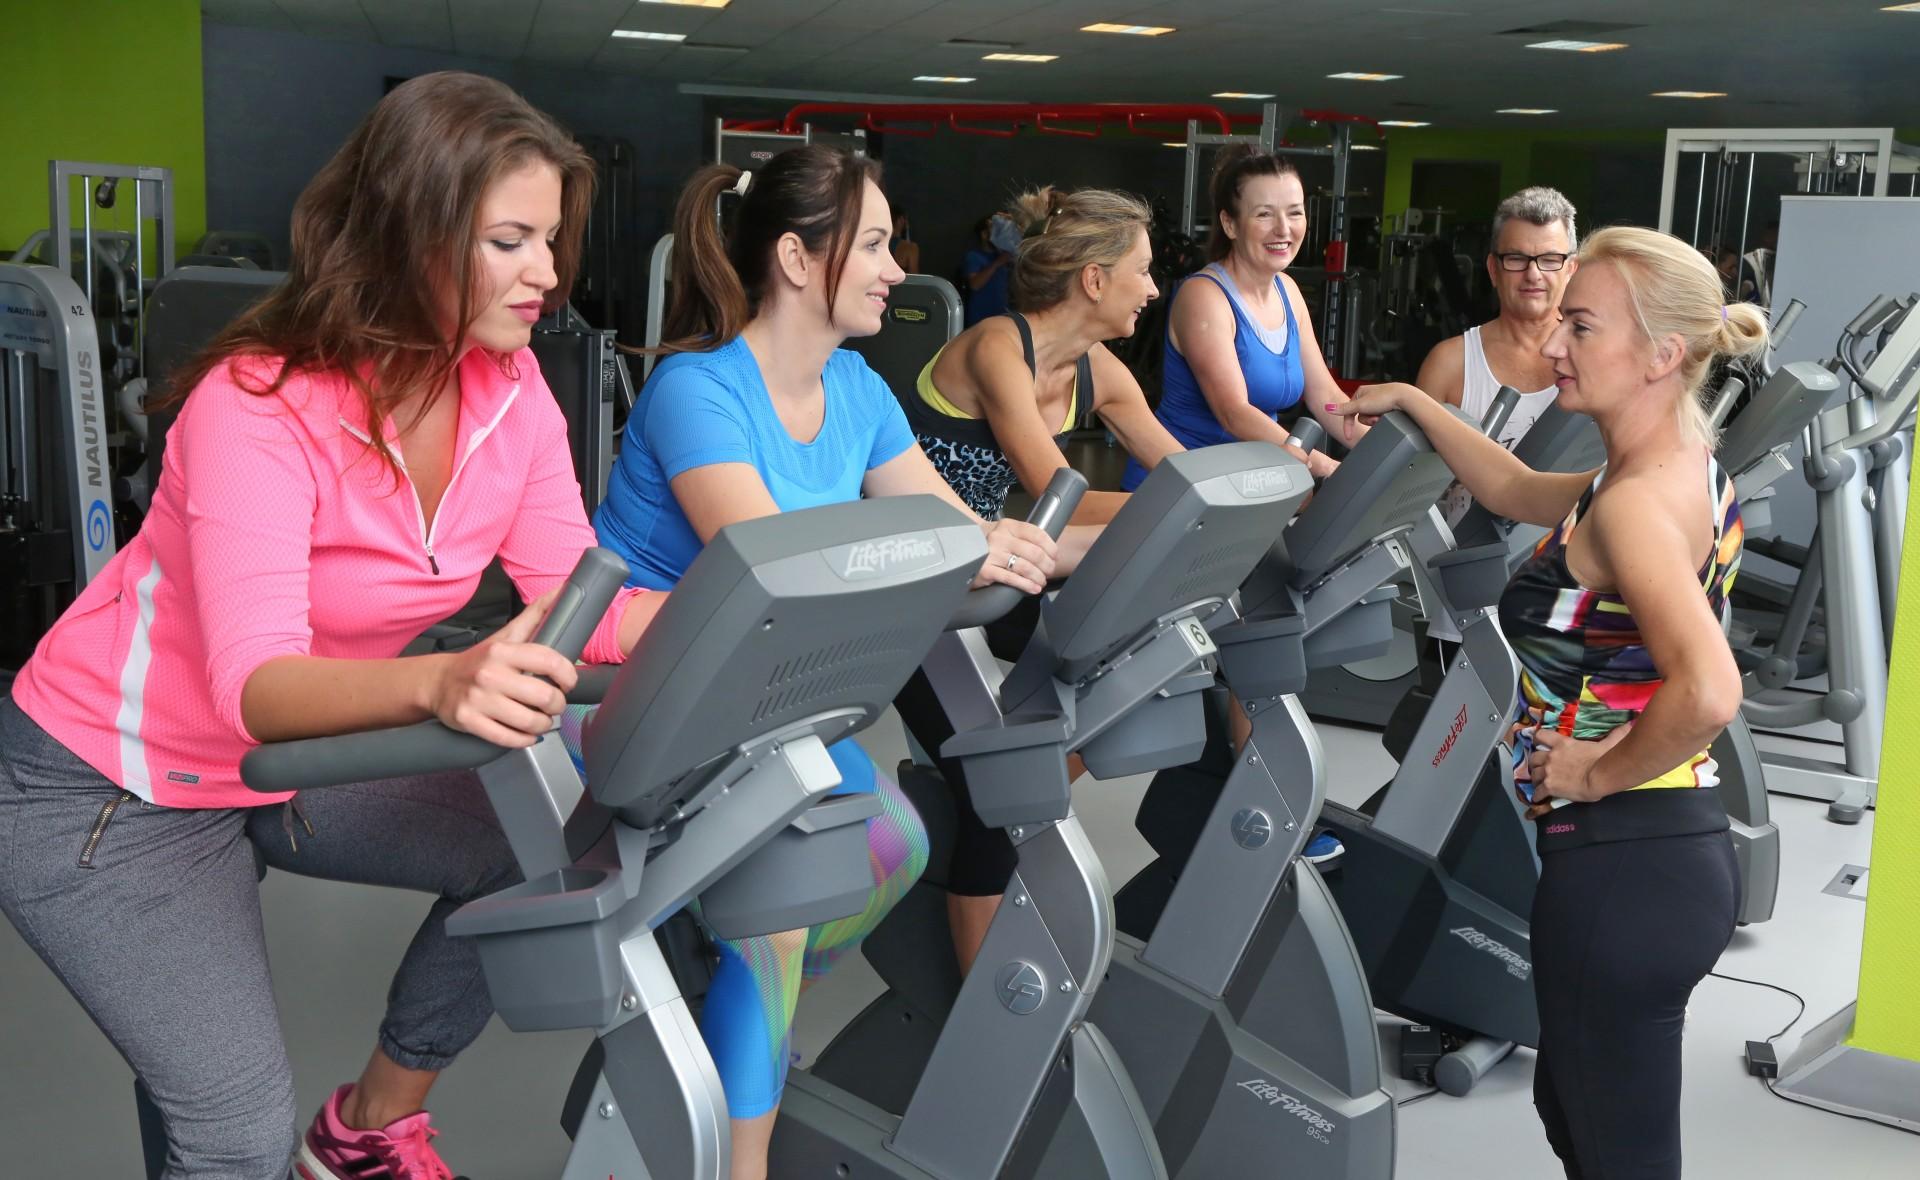 Kluby fitness Poznań, Niku - Cechy profesjonalnego klubu fitness